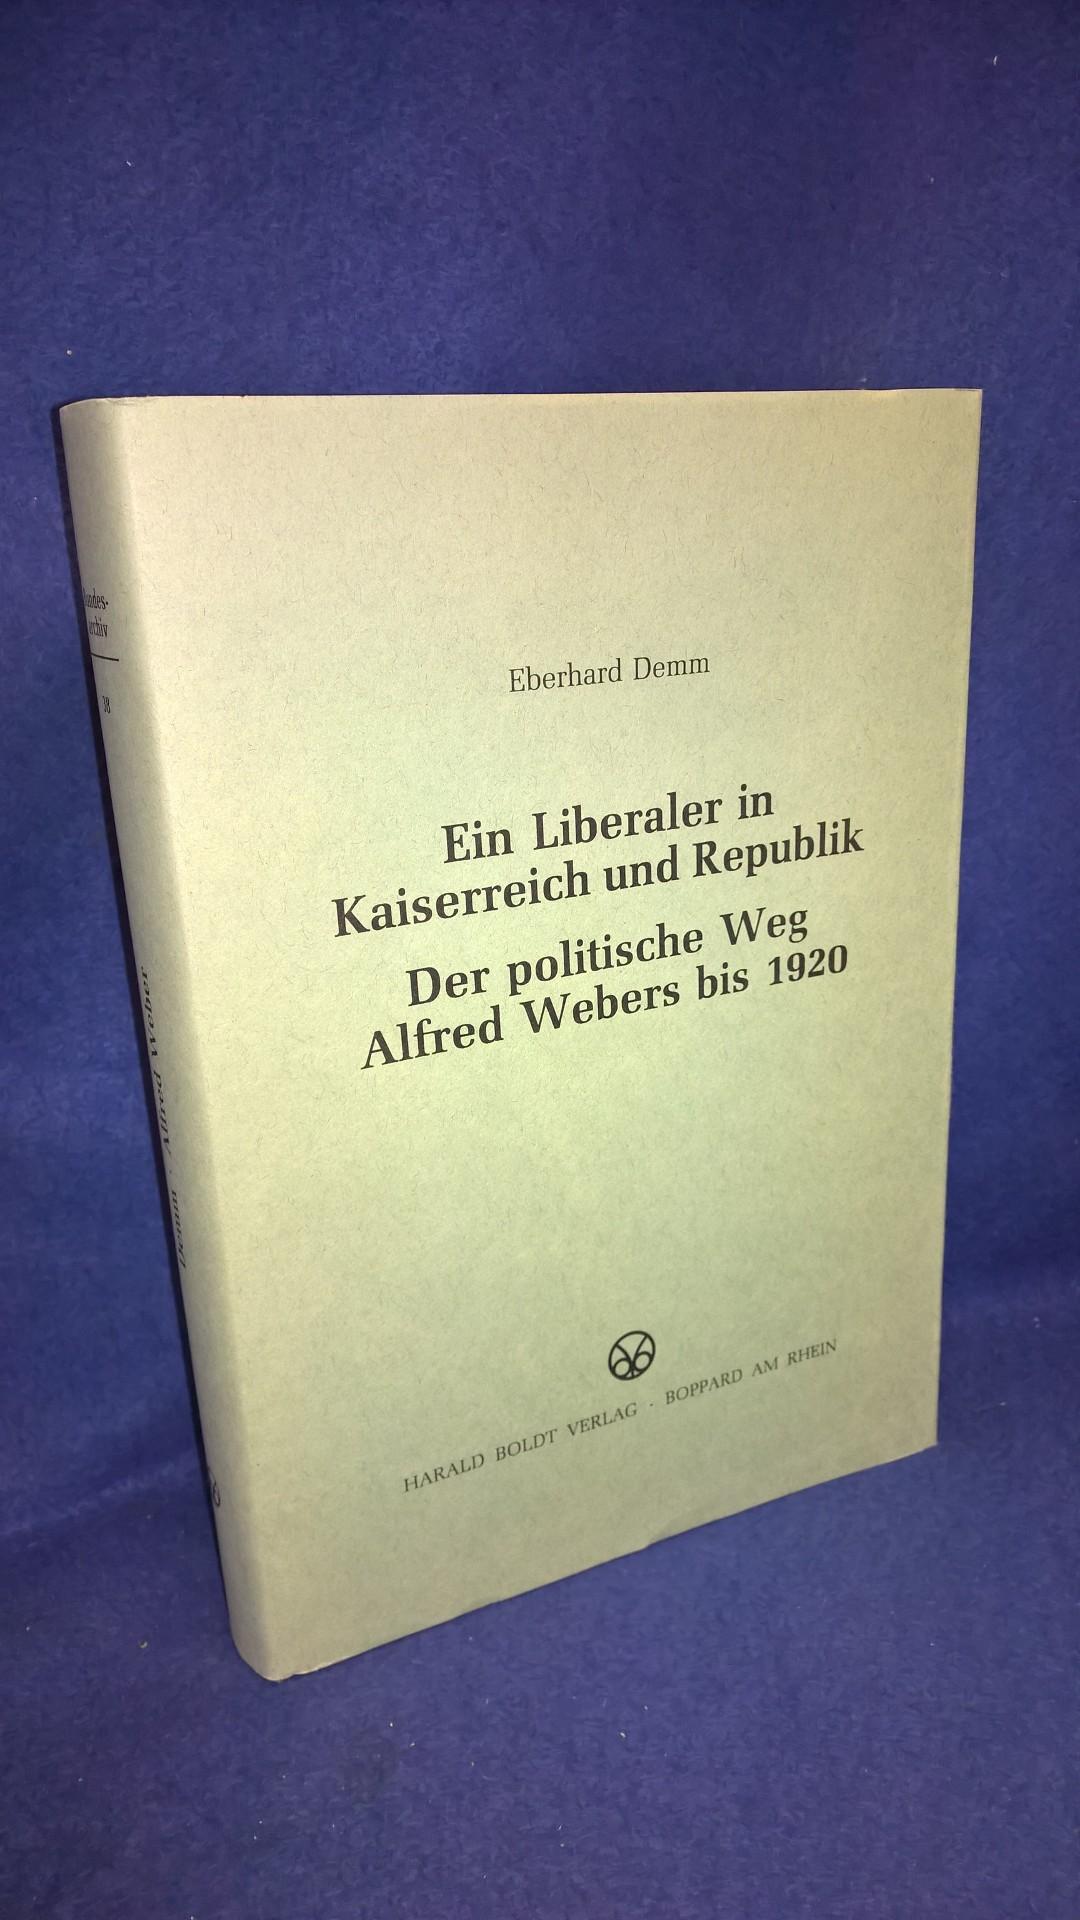 Ein Liberaler in Kaiserreich und Republik. Der politische Weg Alfred Webers bis 1920.